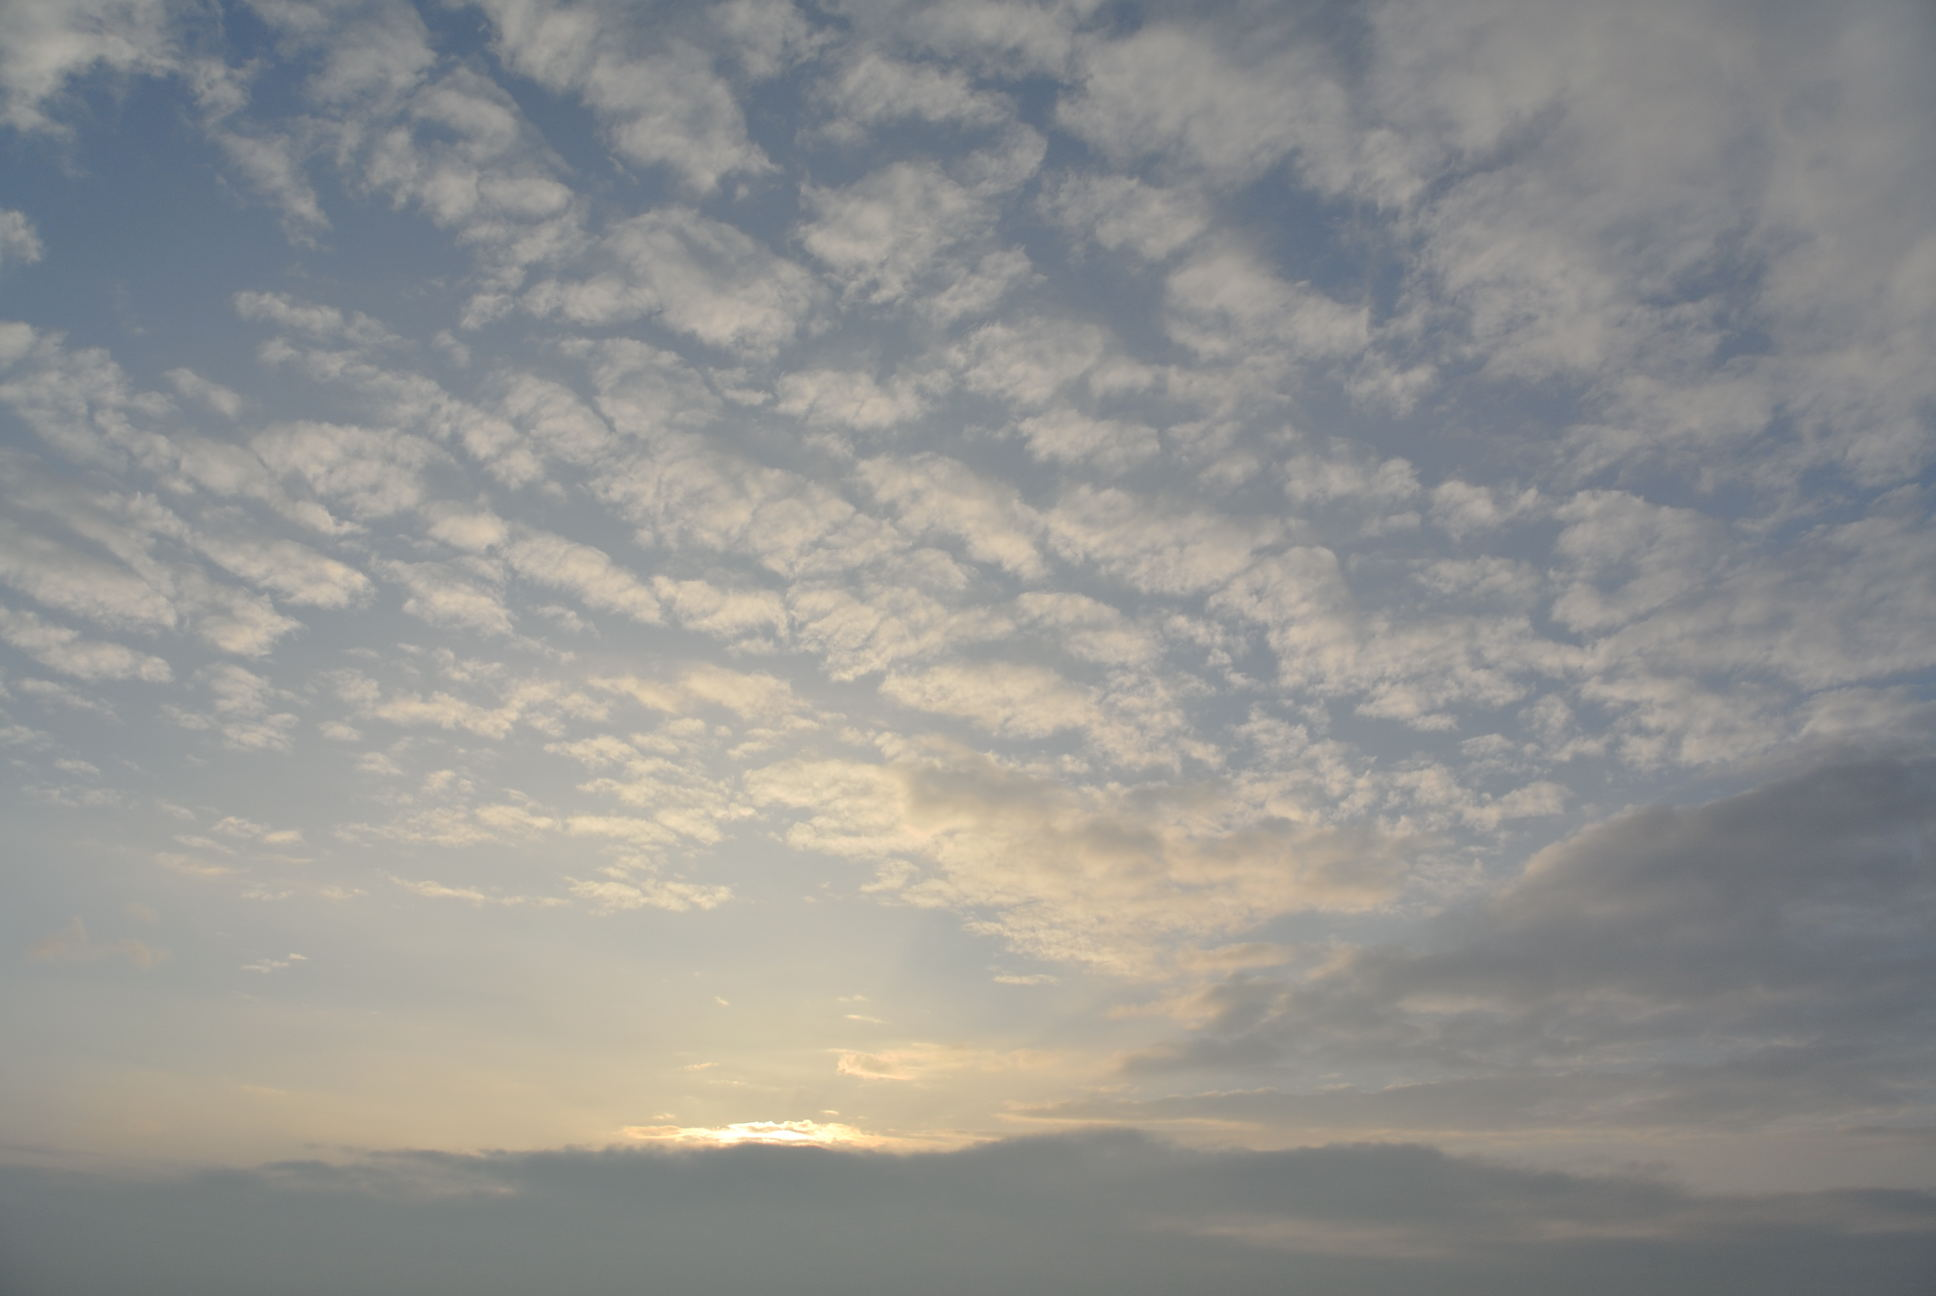 ふたみシーサイド公園からの夕焼け空